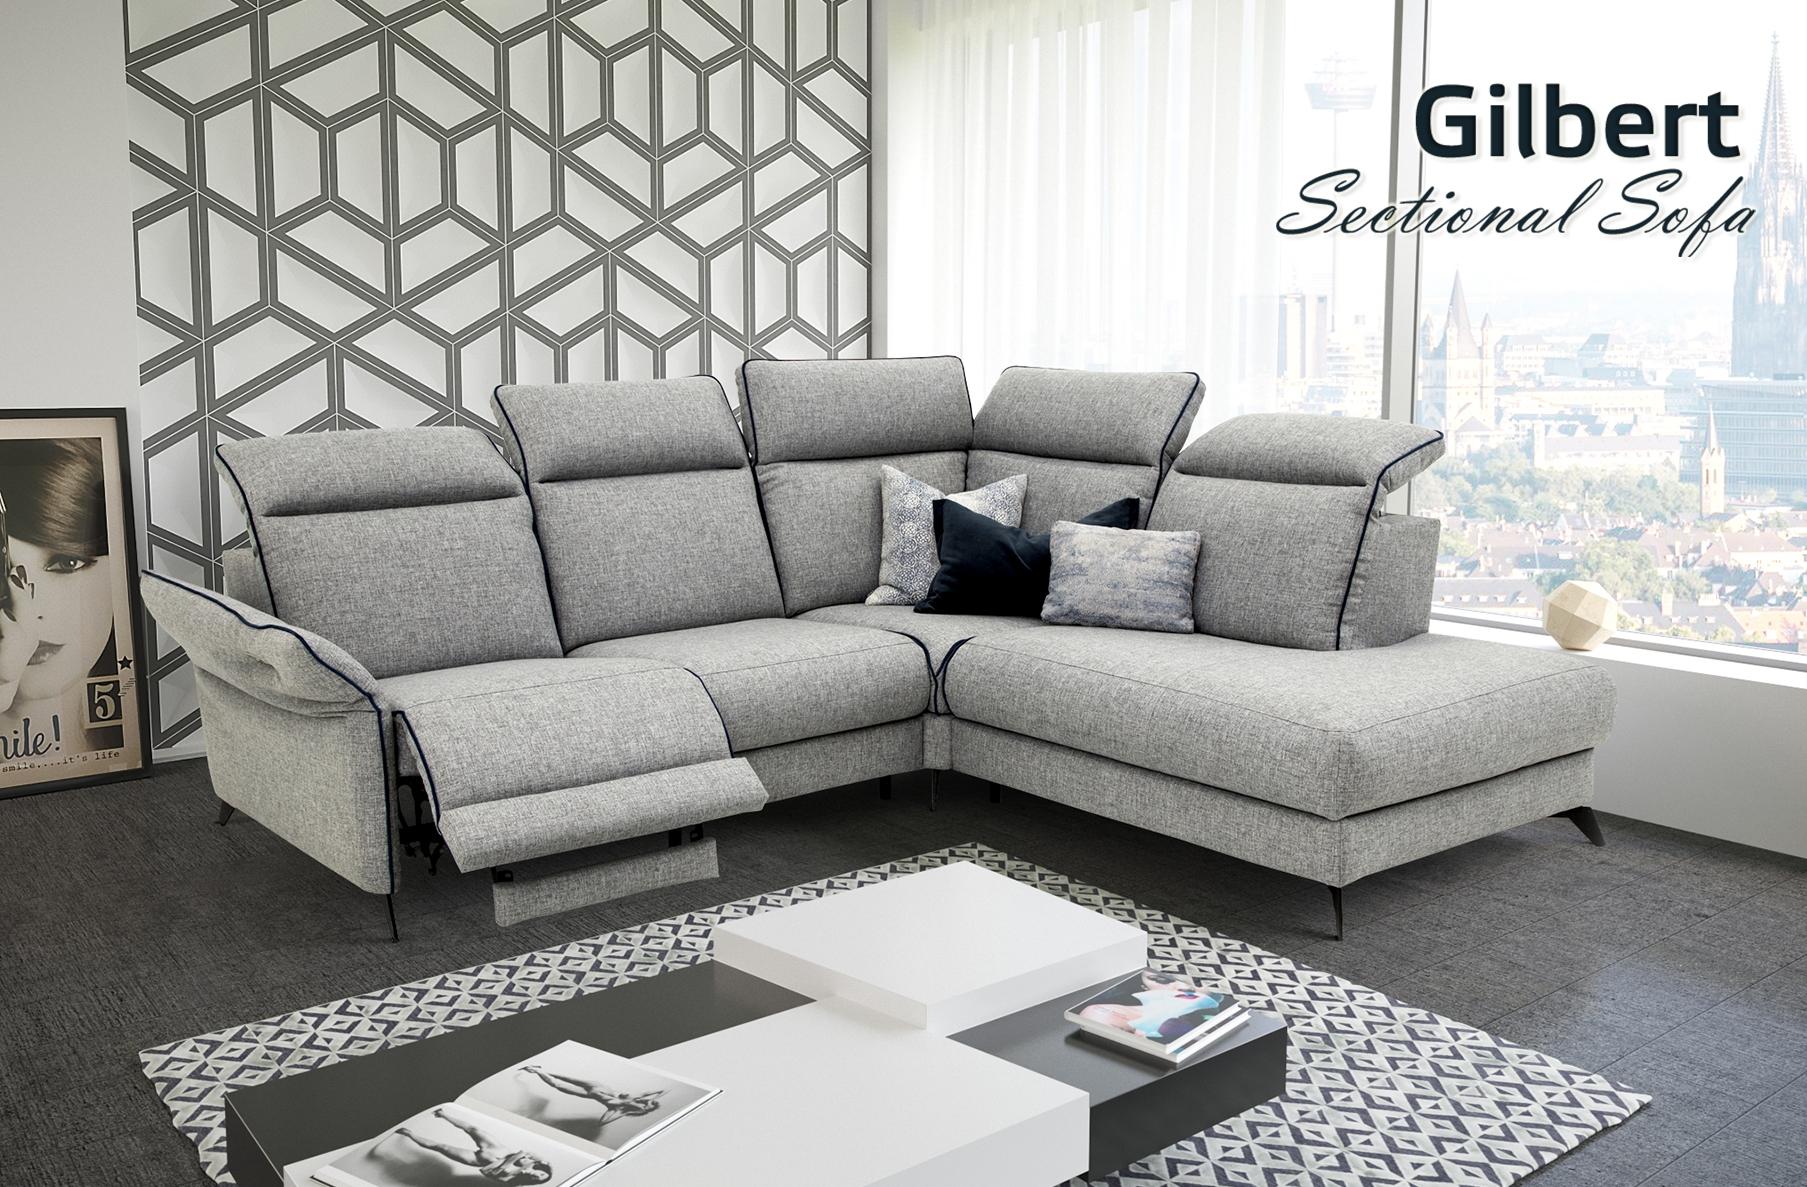 Gilbert Sectional Sofa, Cheap